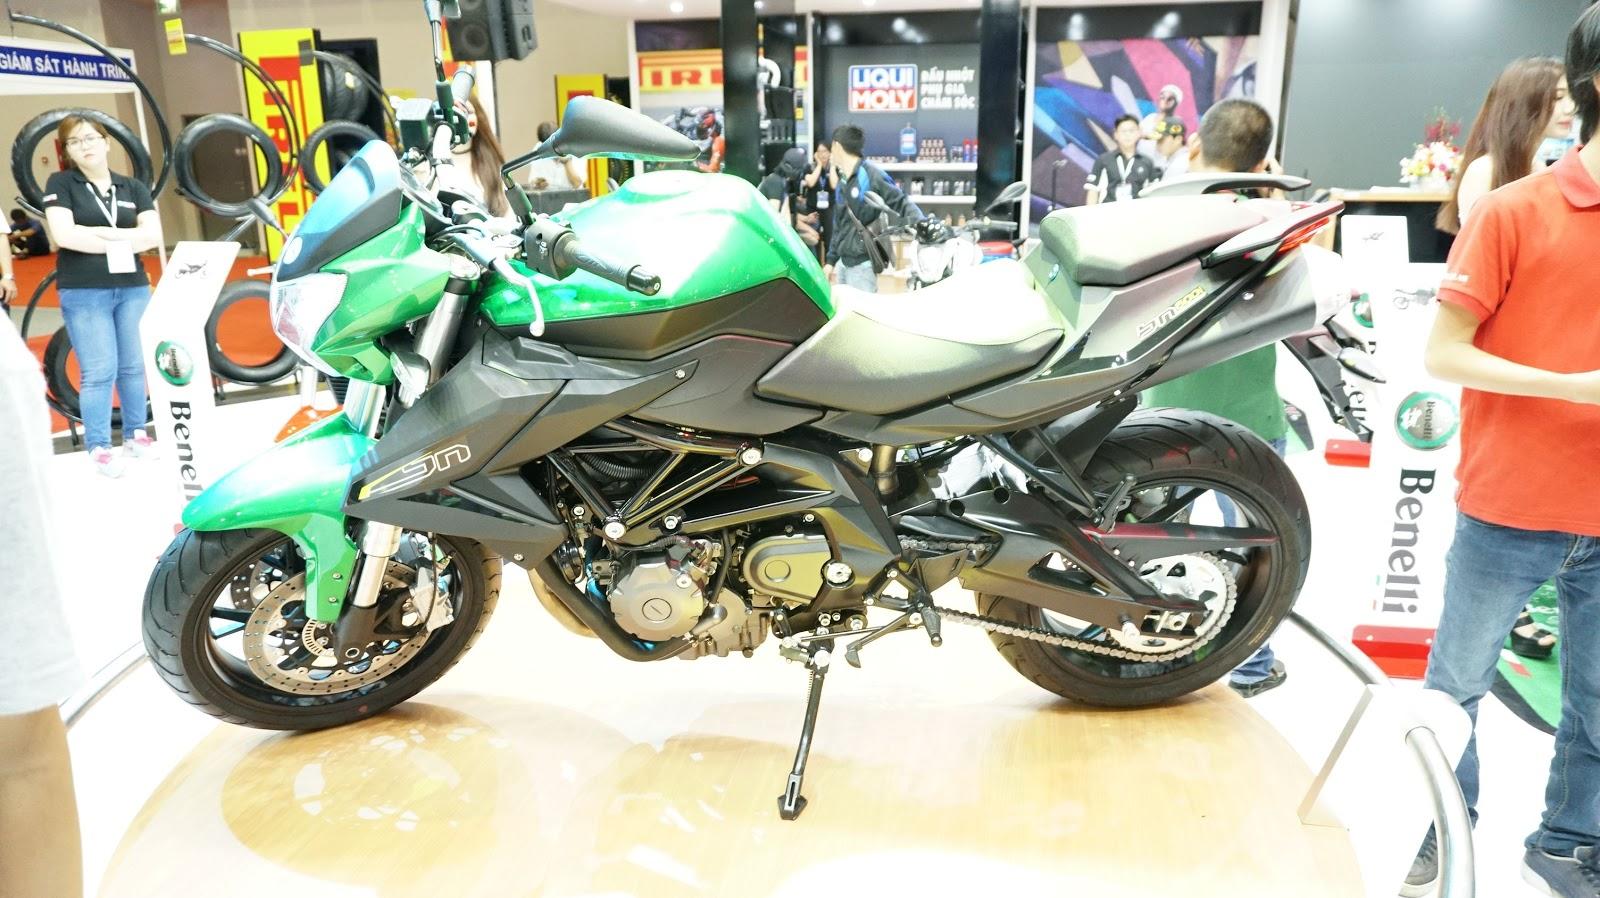 Benelli BN600i ABS là dòng xe nổi bật nhất tại Vietnam Motorcycle Show 2016 năm nay